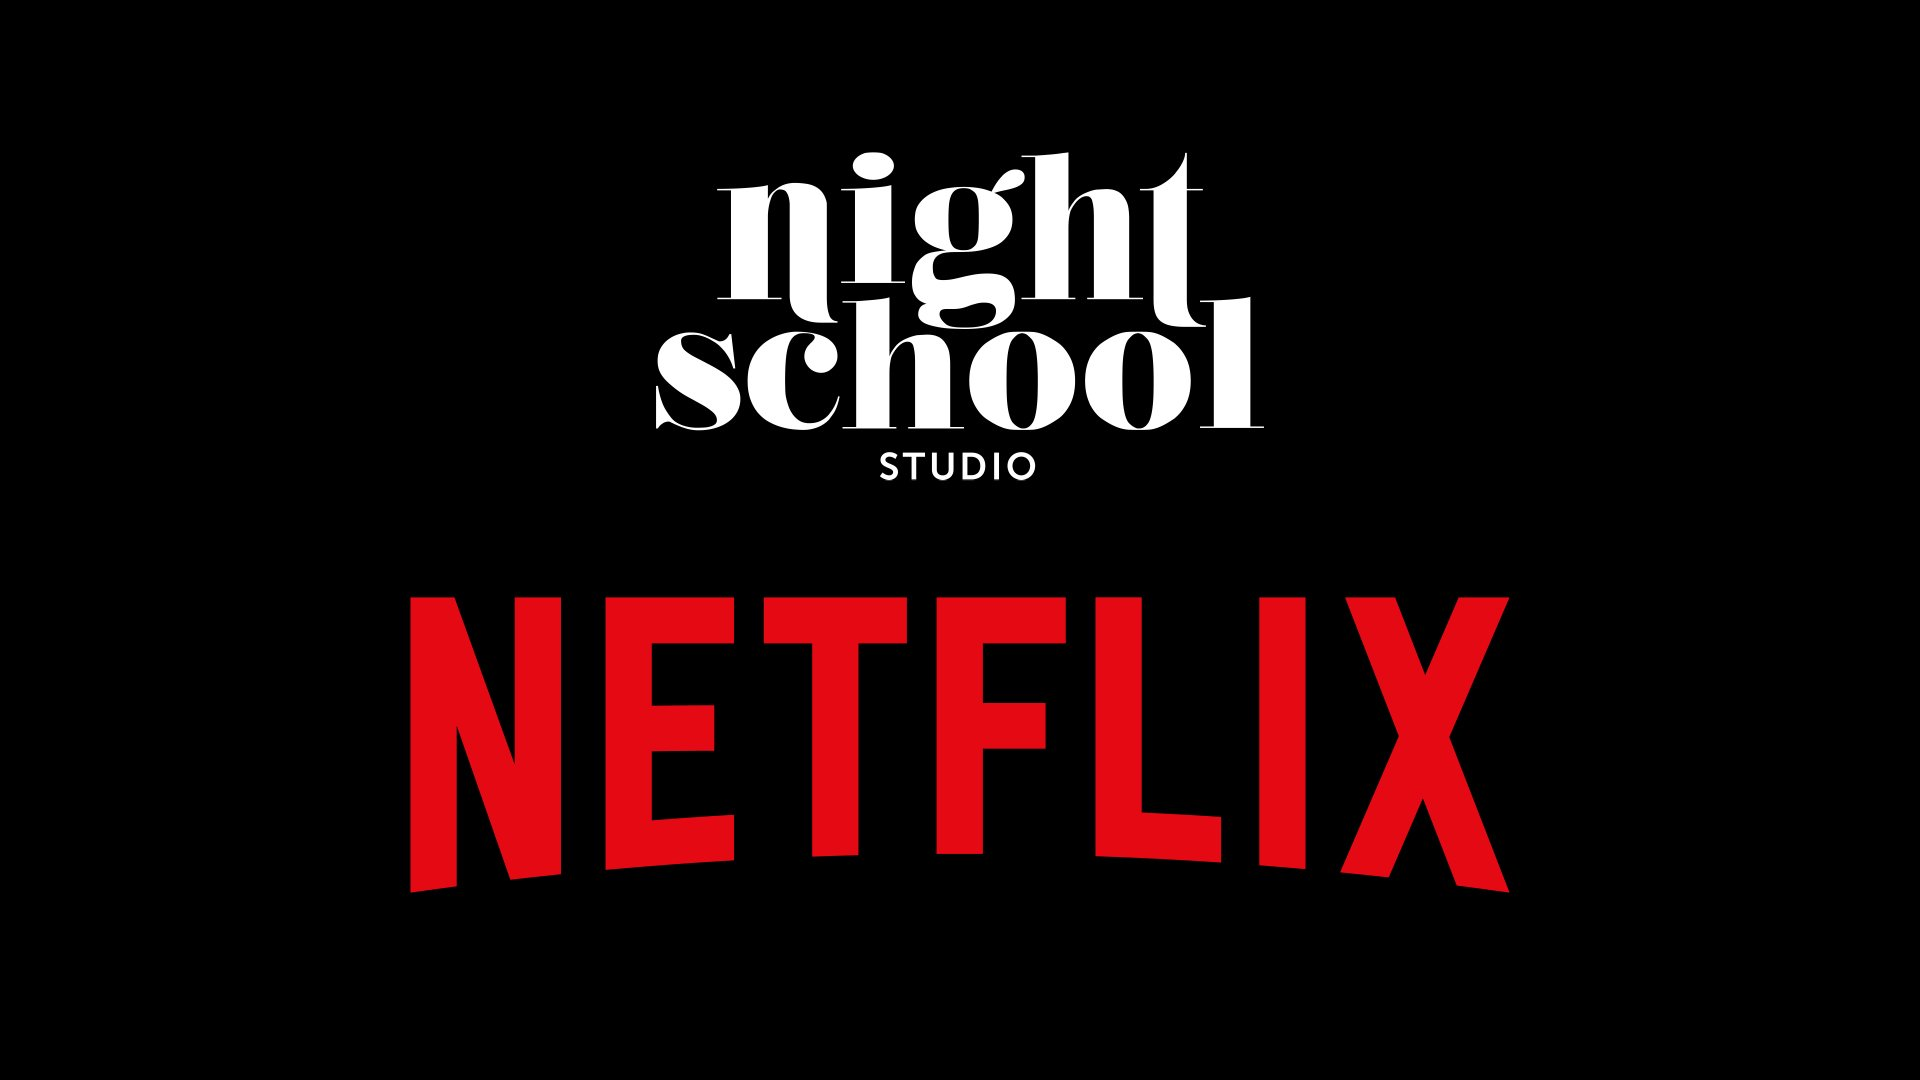 Netflix Night school studio gaming